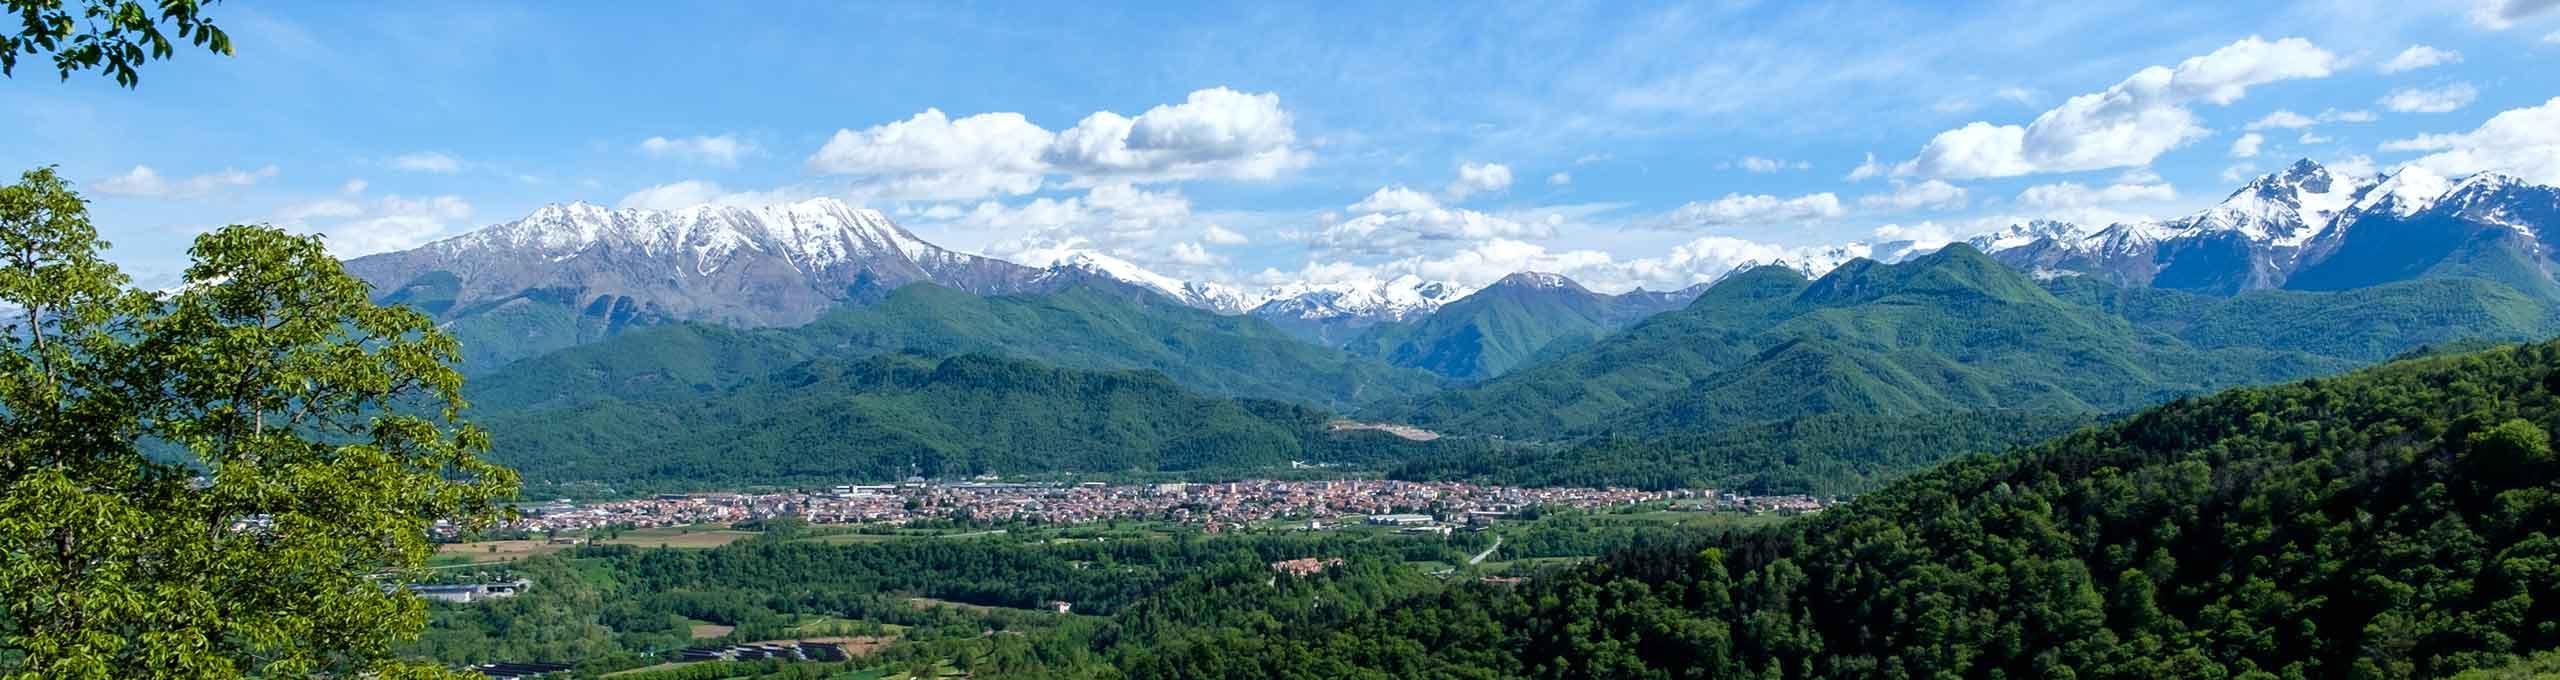 Cervasca, Valle Stura